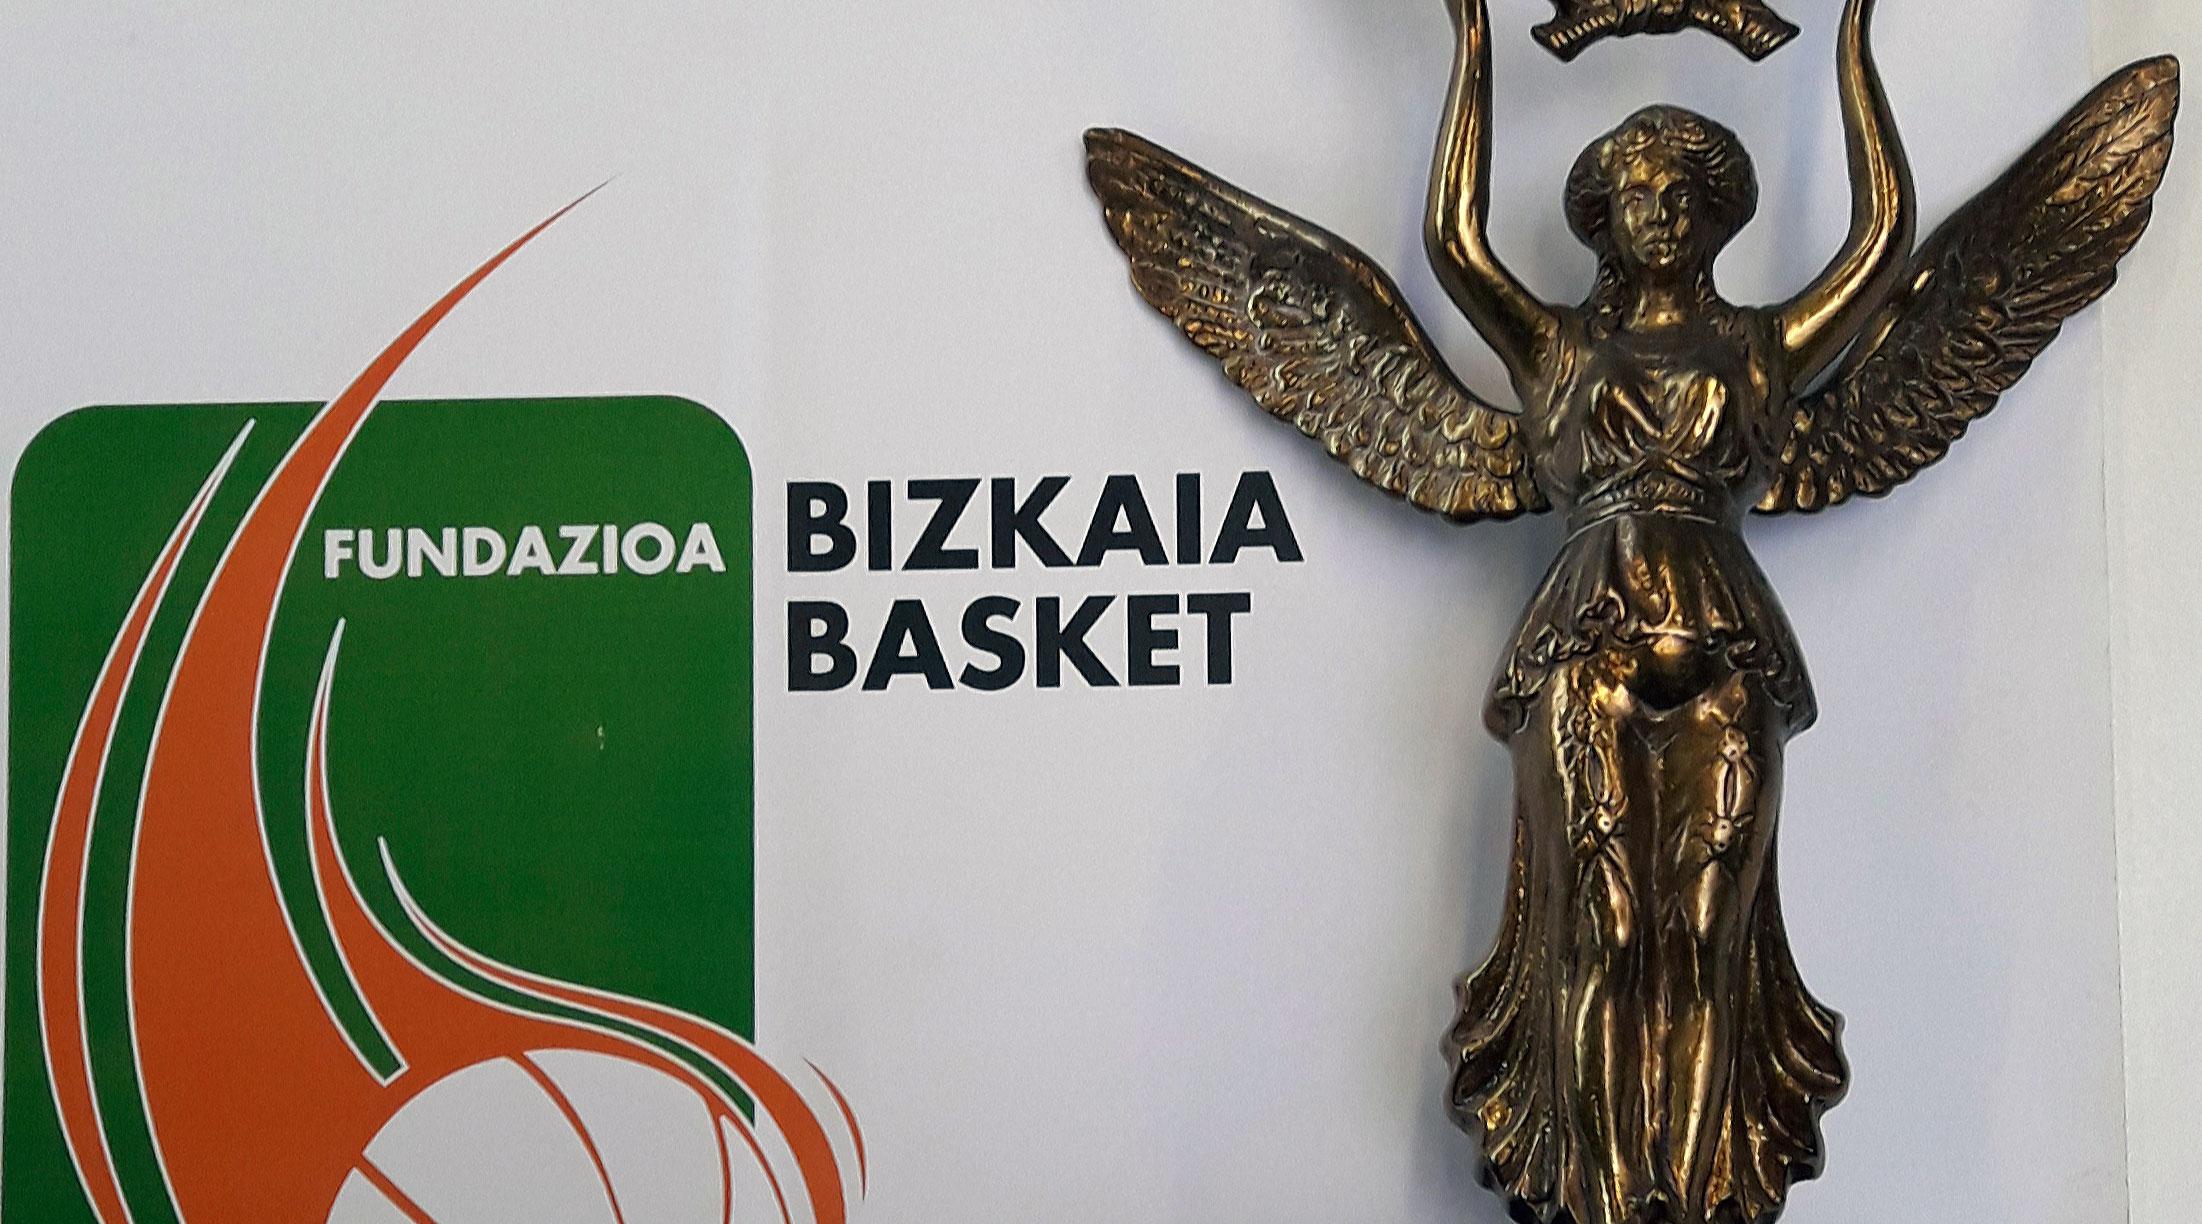 Estos son los Premios Saski Saria 2019 de la Fundación Bizkaiabasket Fundazioa